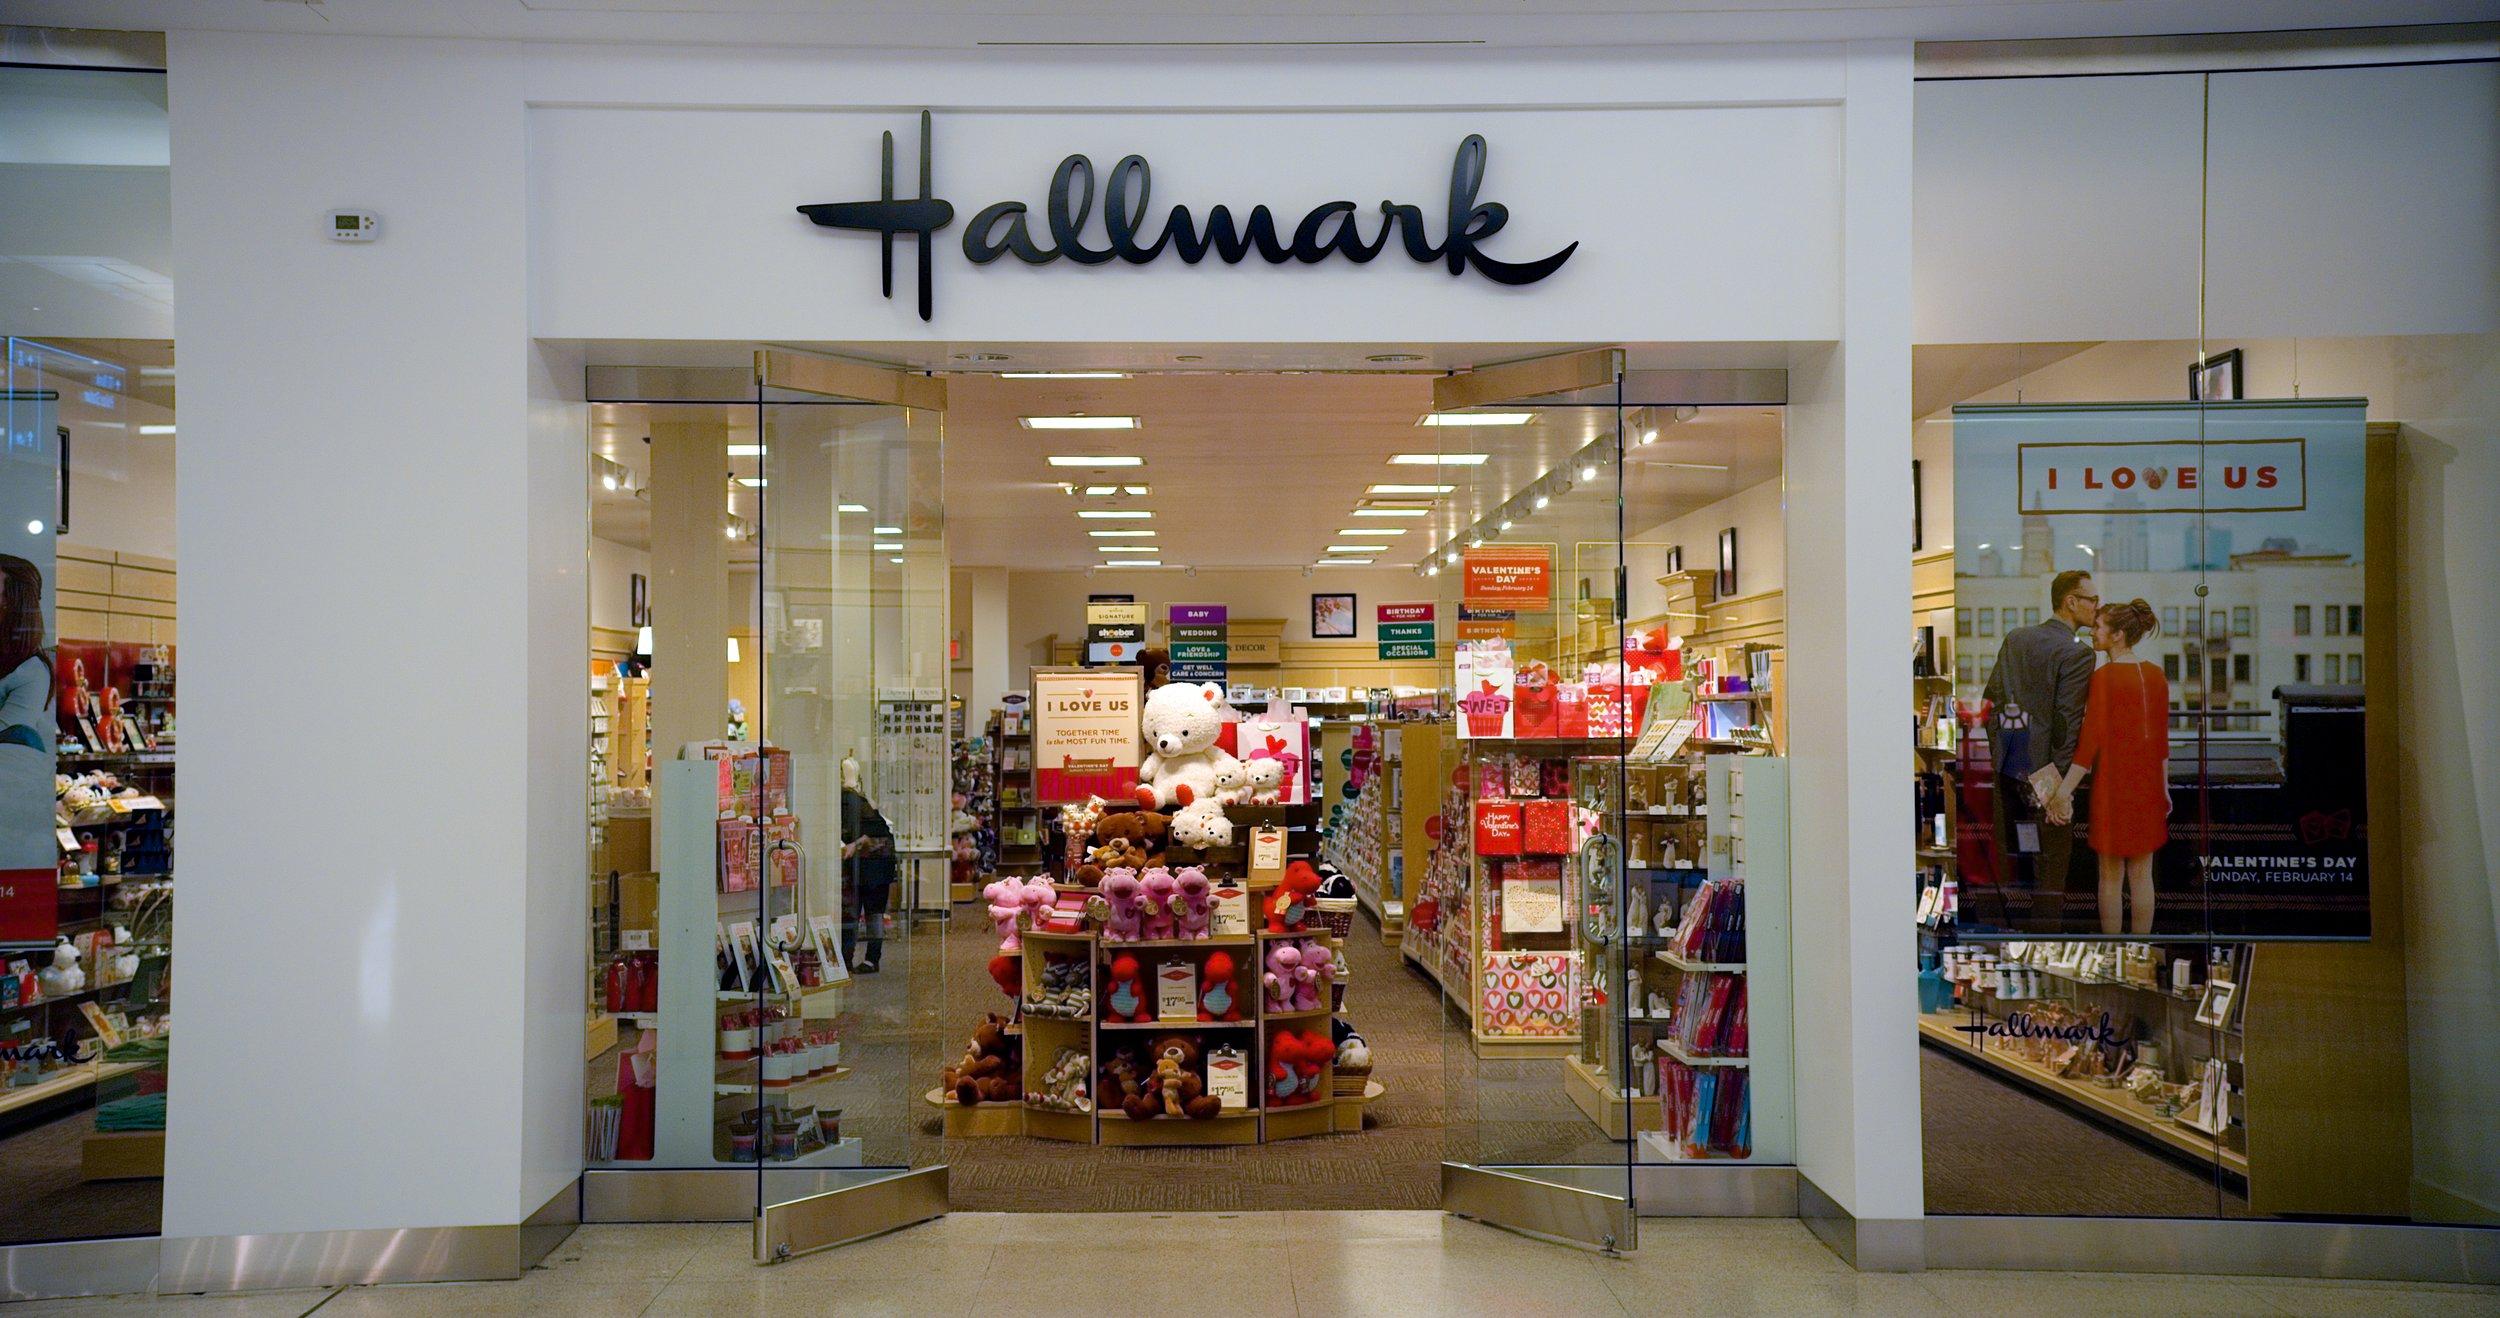 Hallmark - 2.jpg